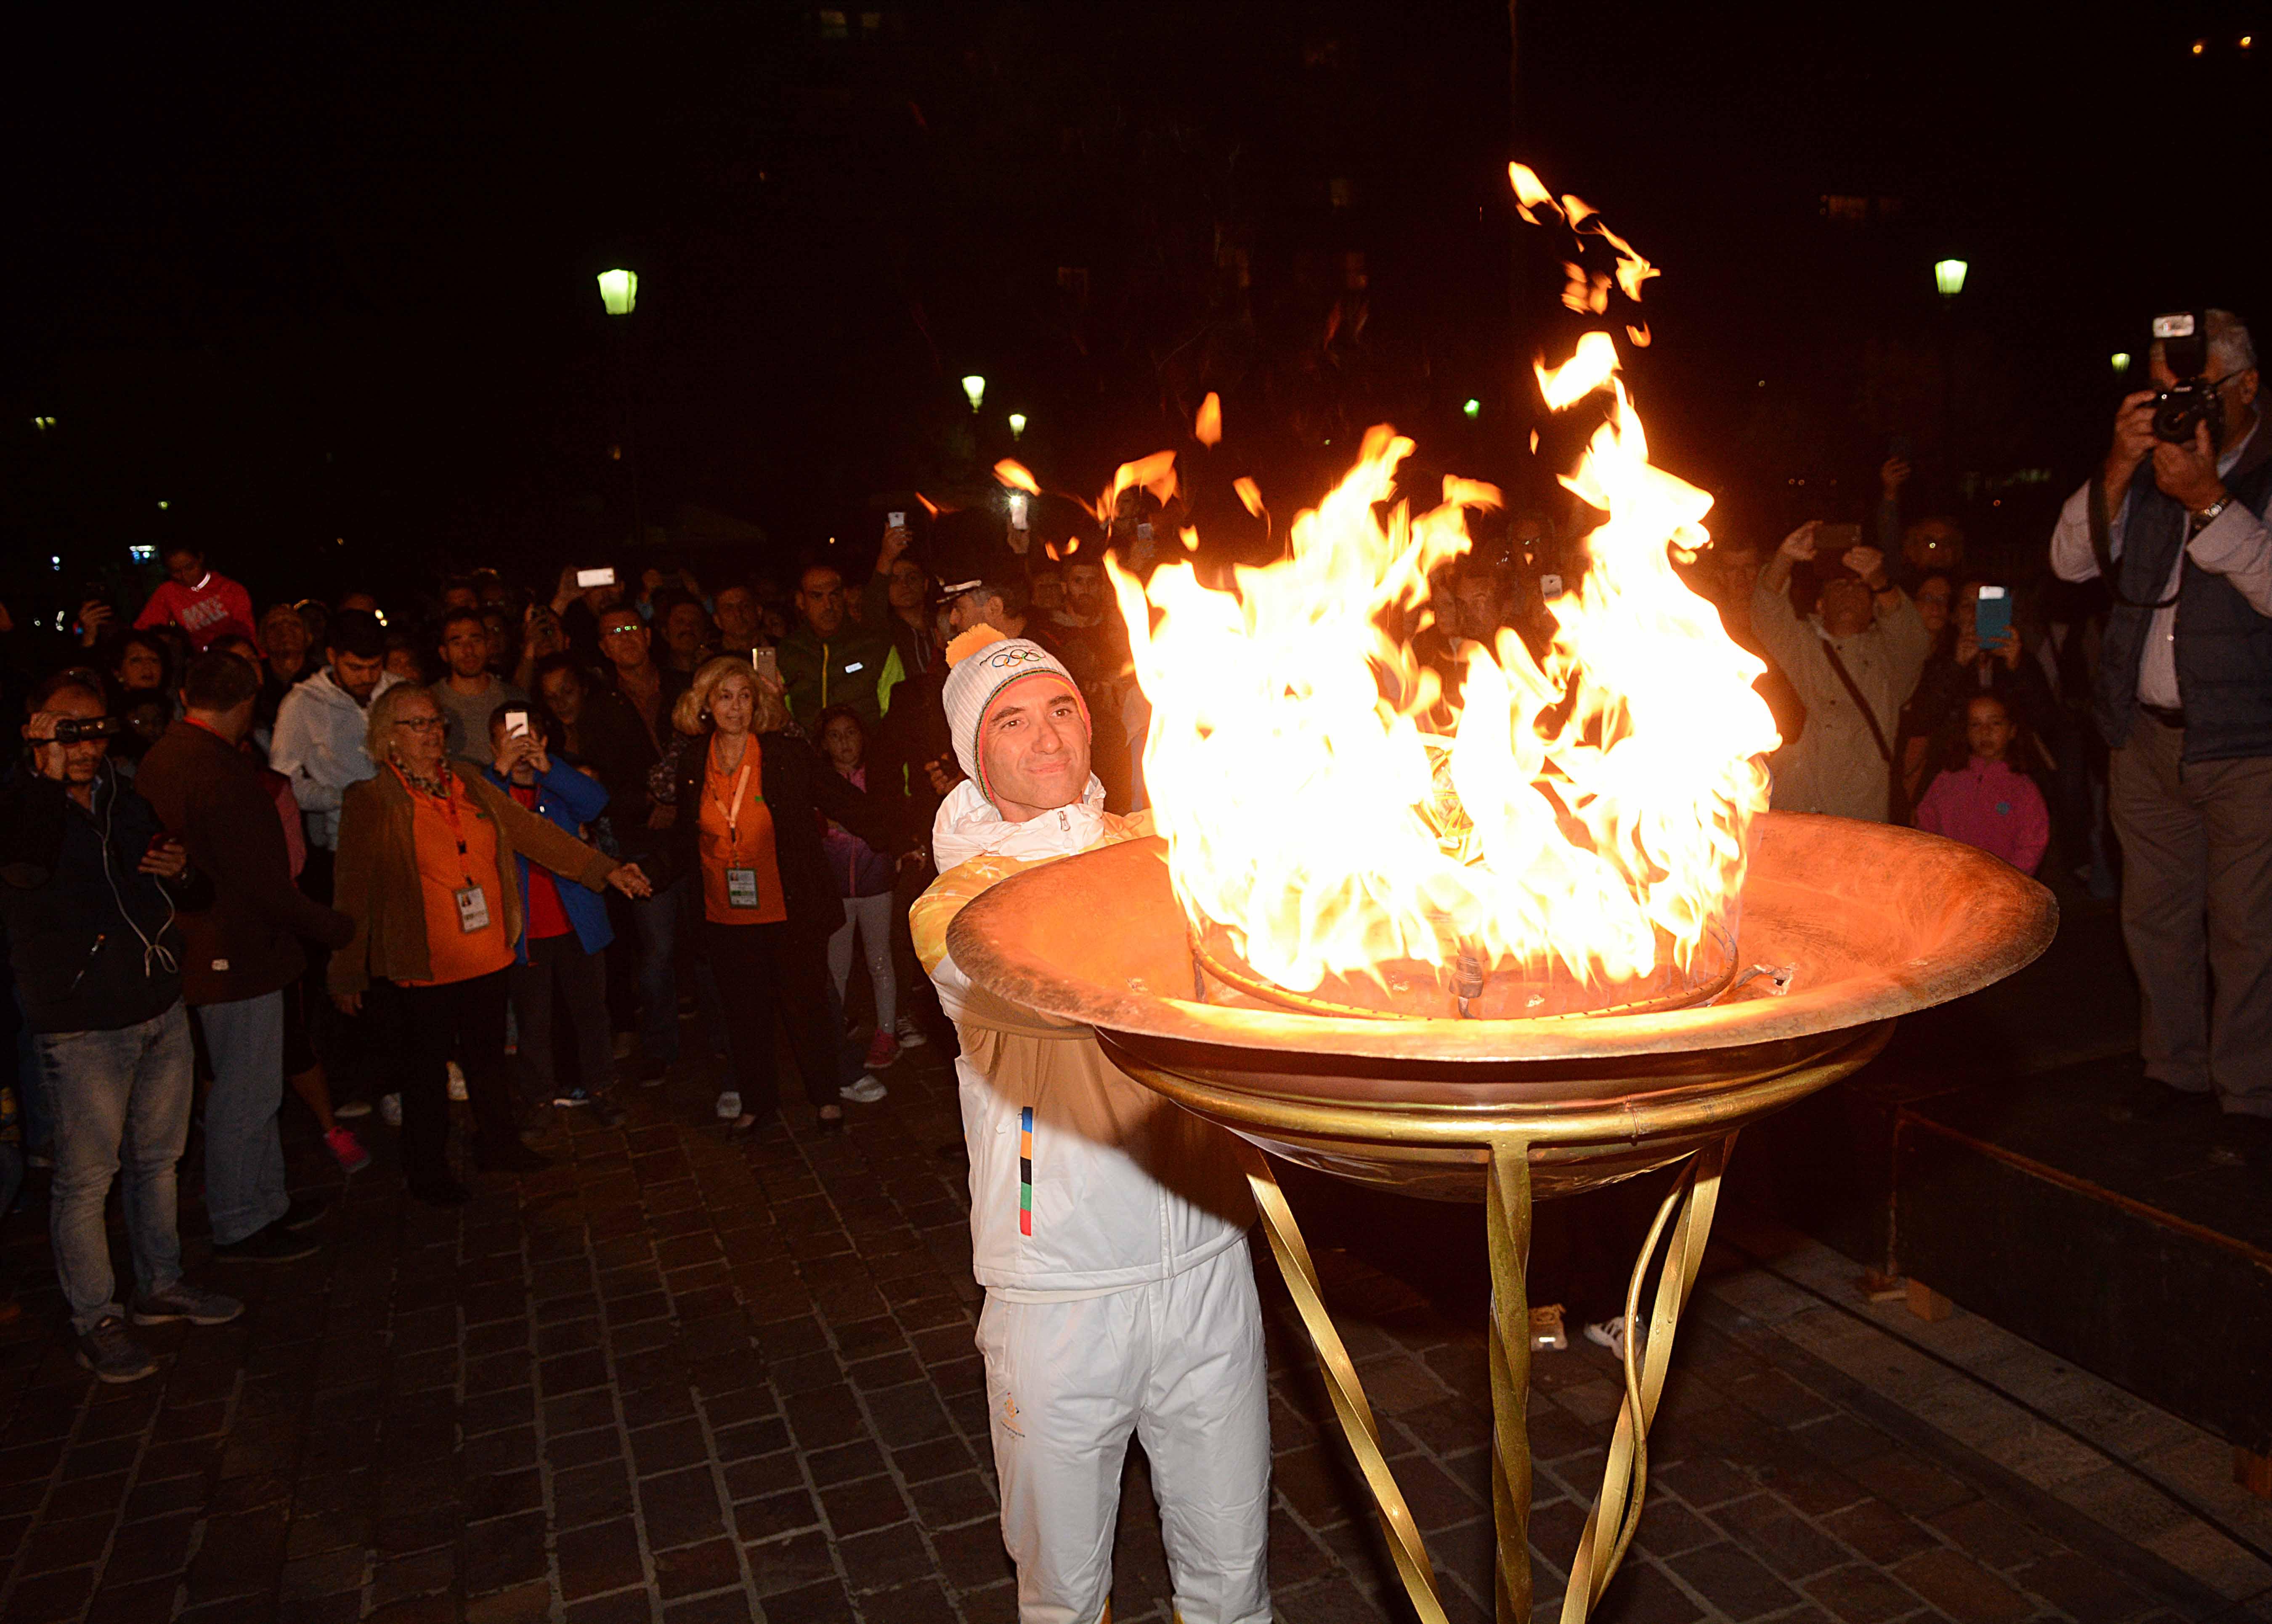 Πέρασε από Πάτρα και Ναύπακτο η Ολυμπιακή Φλόγα